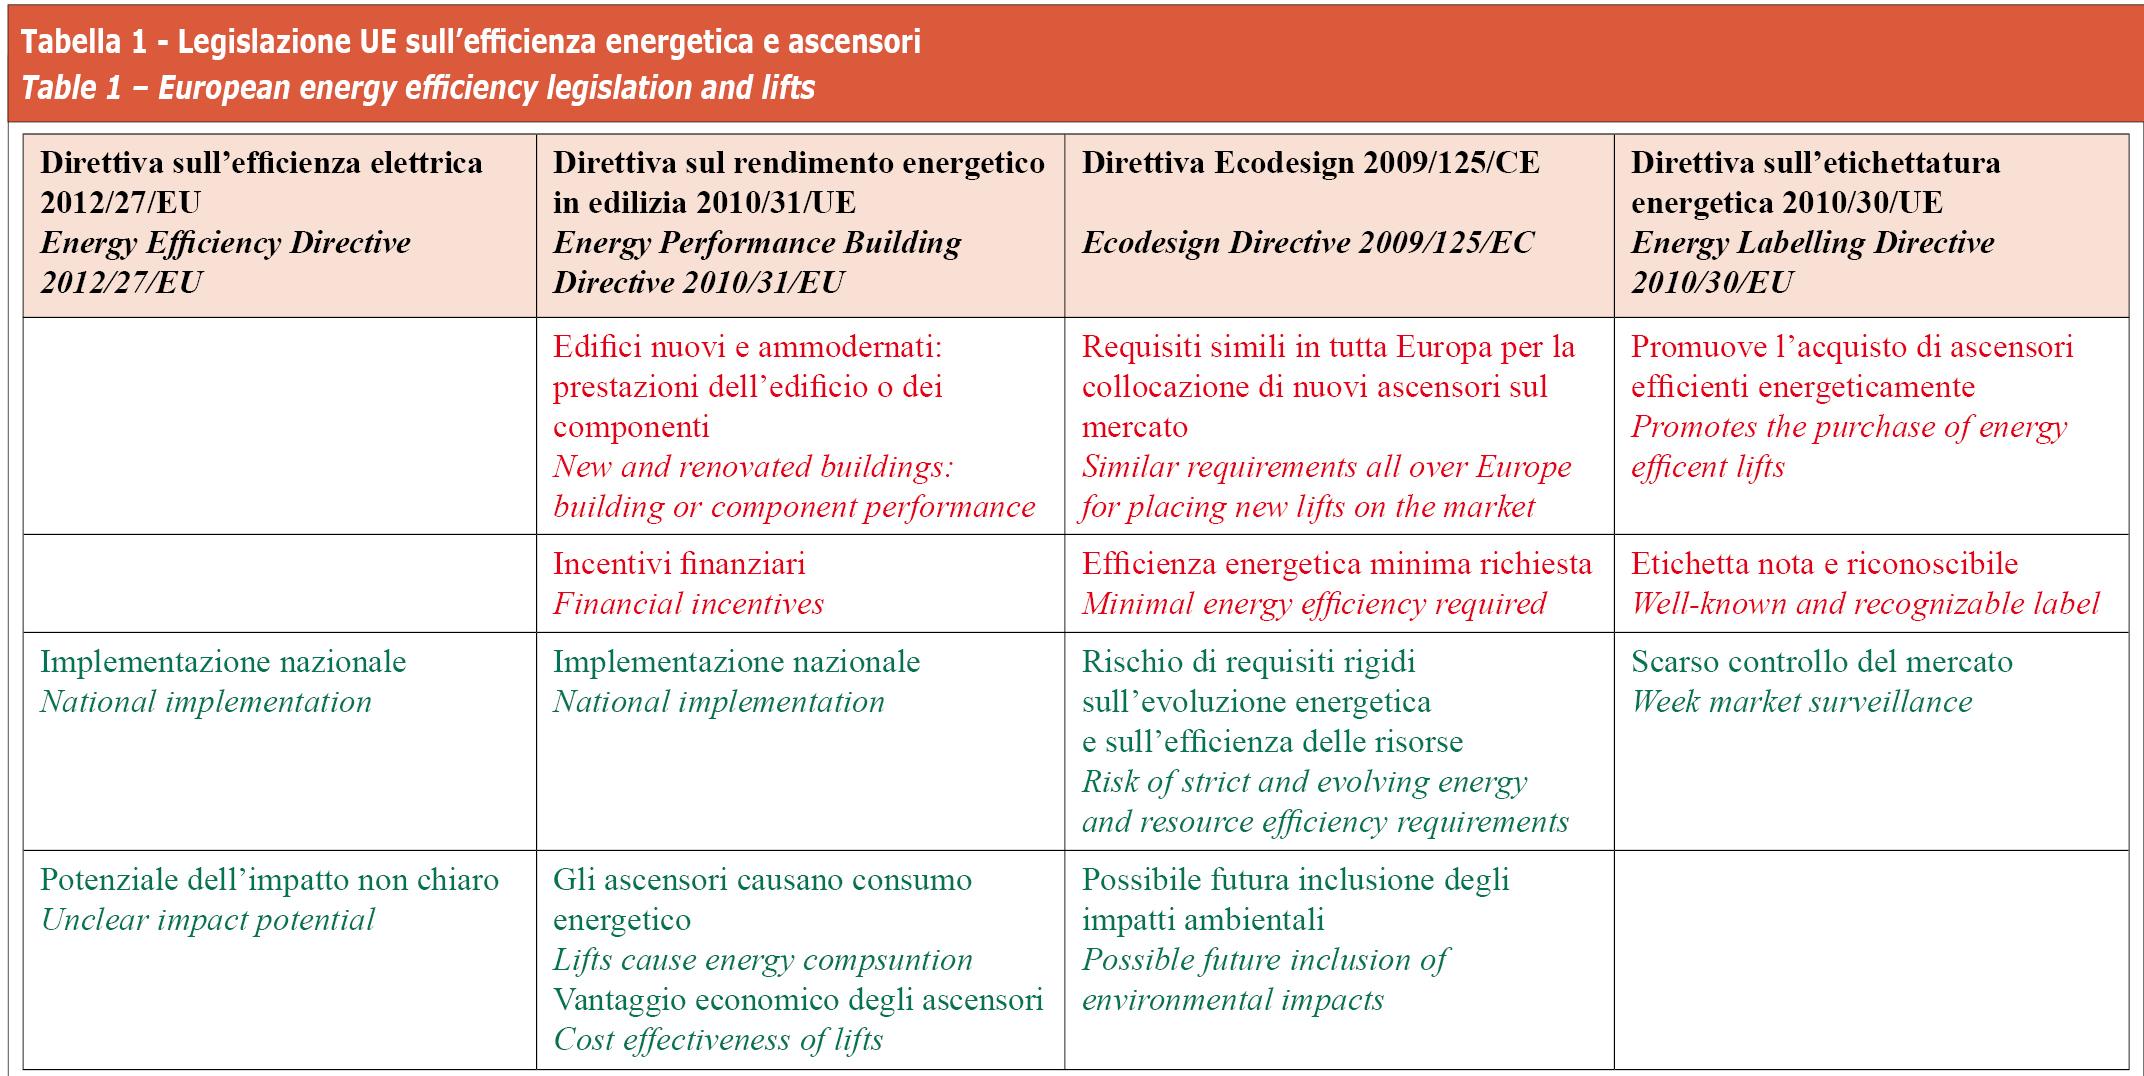 Legislazione UE sill'efficienza energetica e ascensori